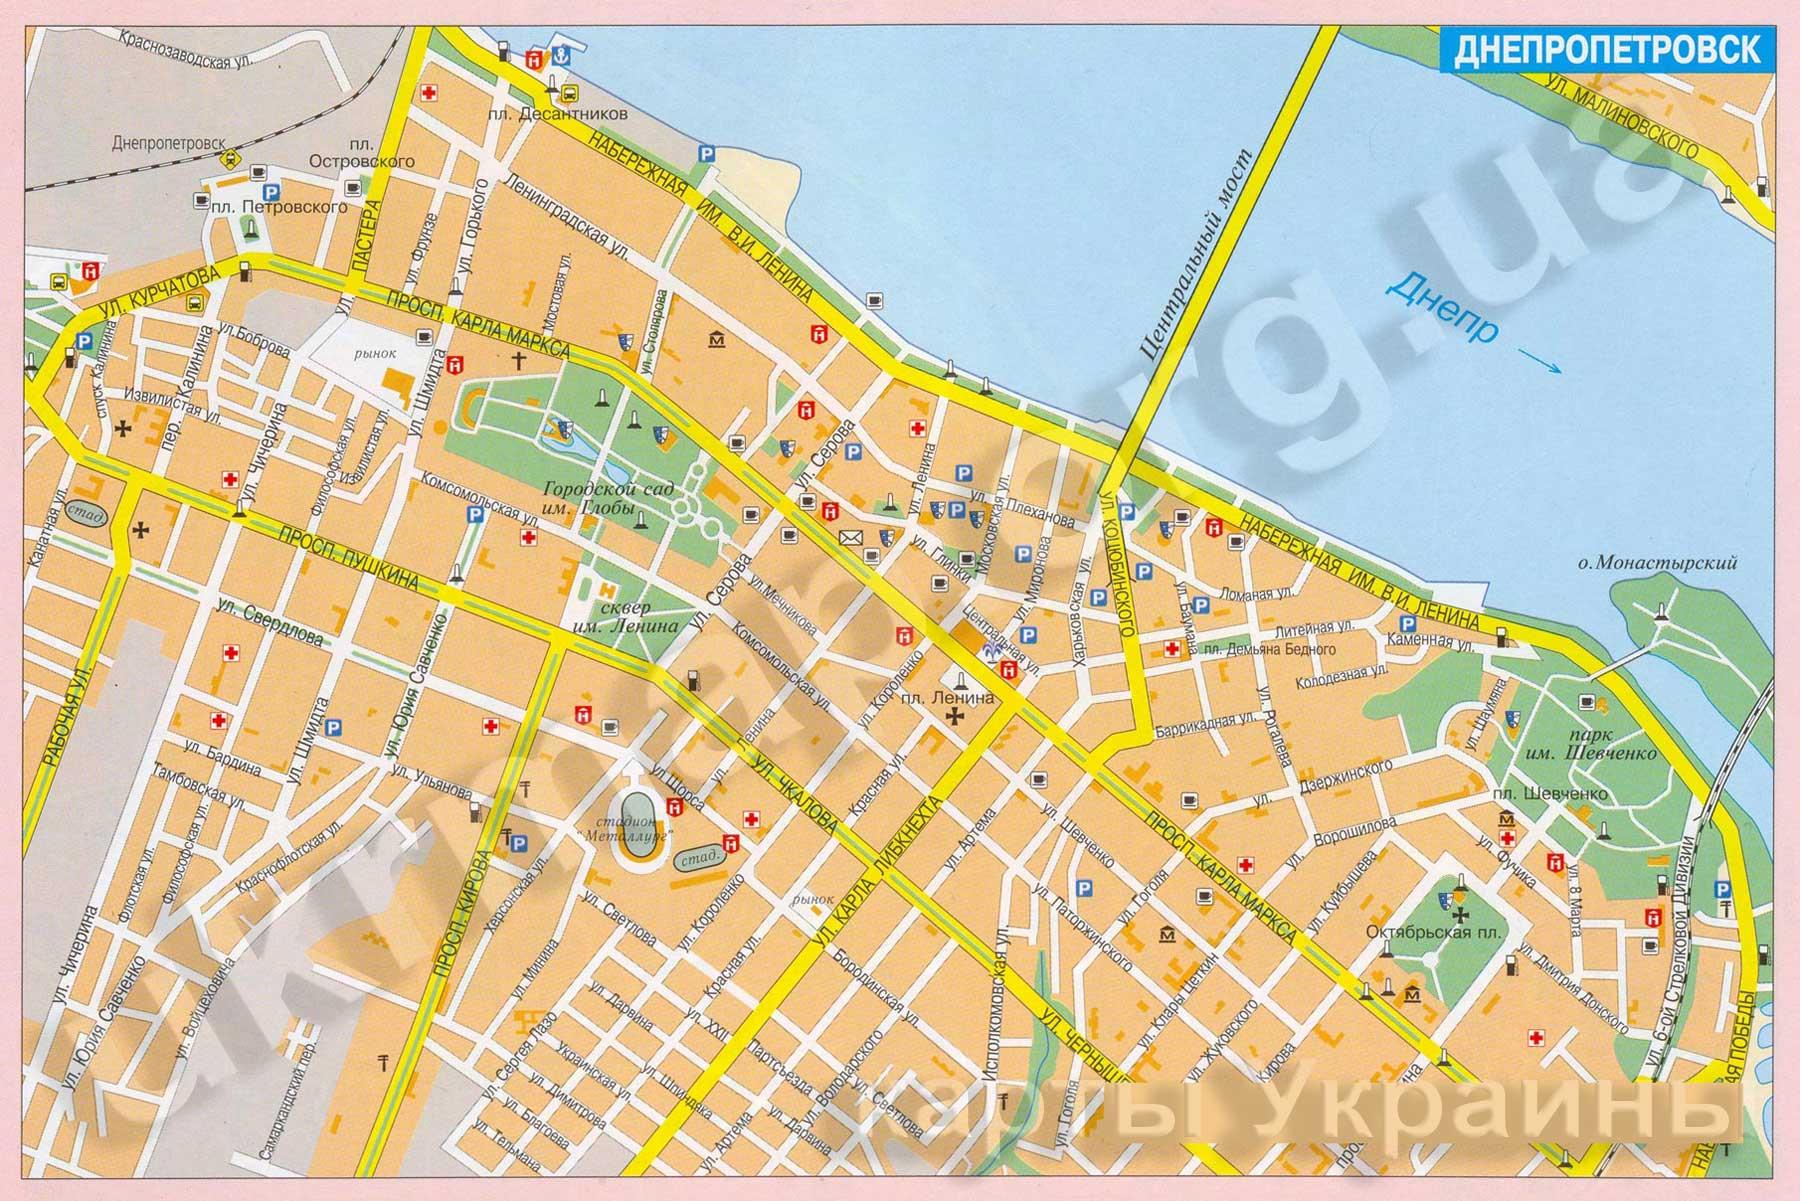 результаты карта города днепропетровска с улицами и домами подробно ежедневные обновления